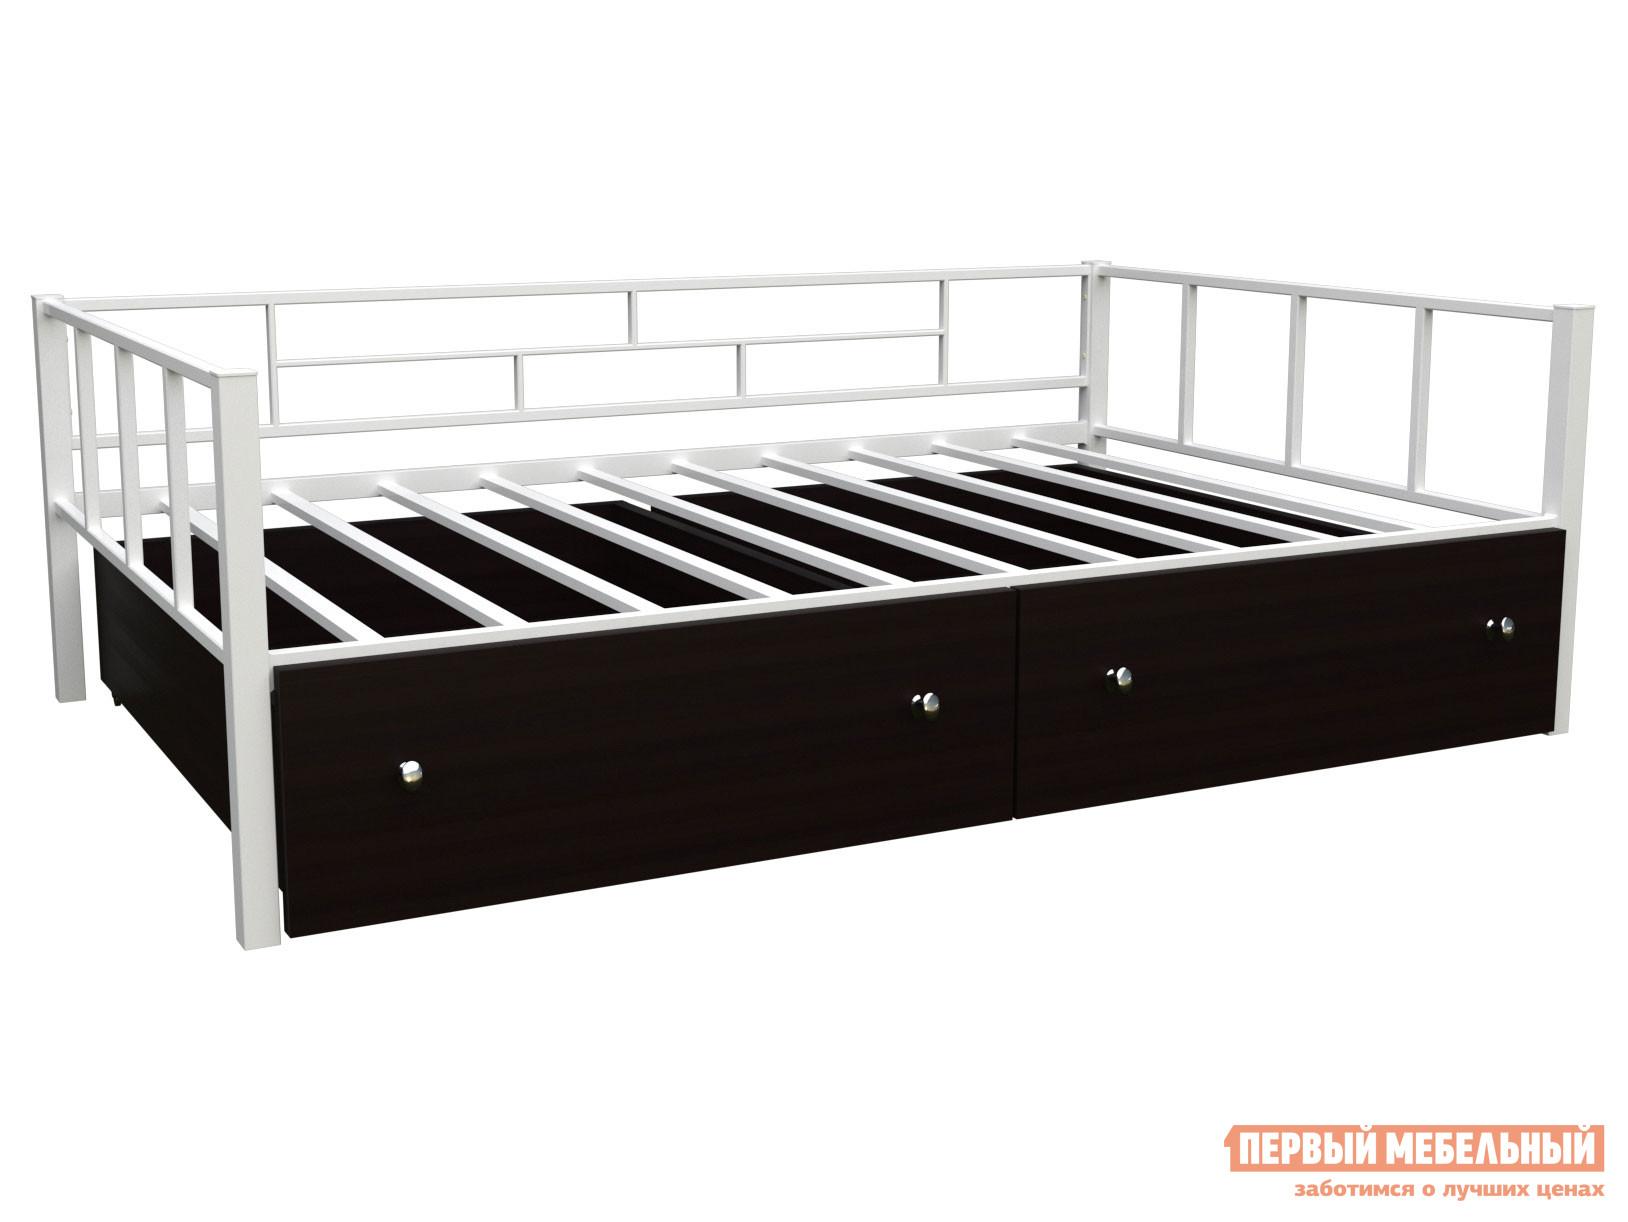 Детская кровать  Кровать Арга 120 с ящиками Белый / Венге